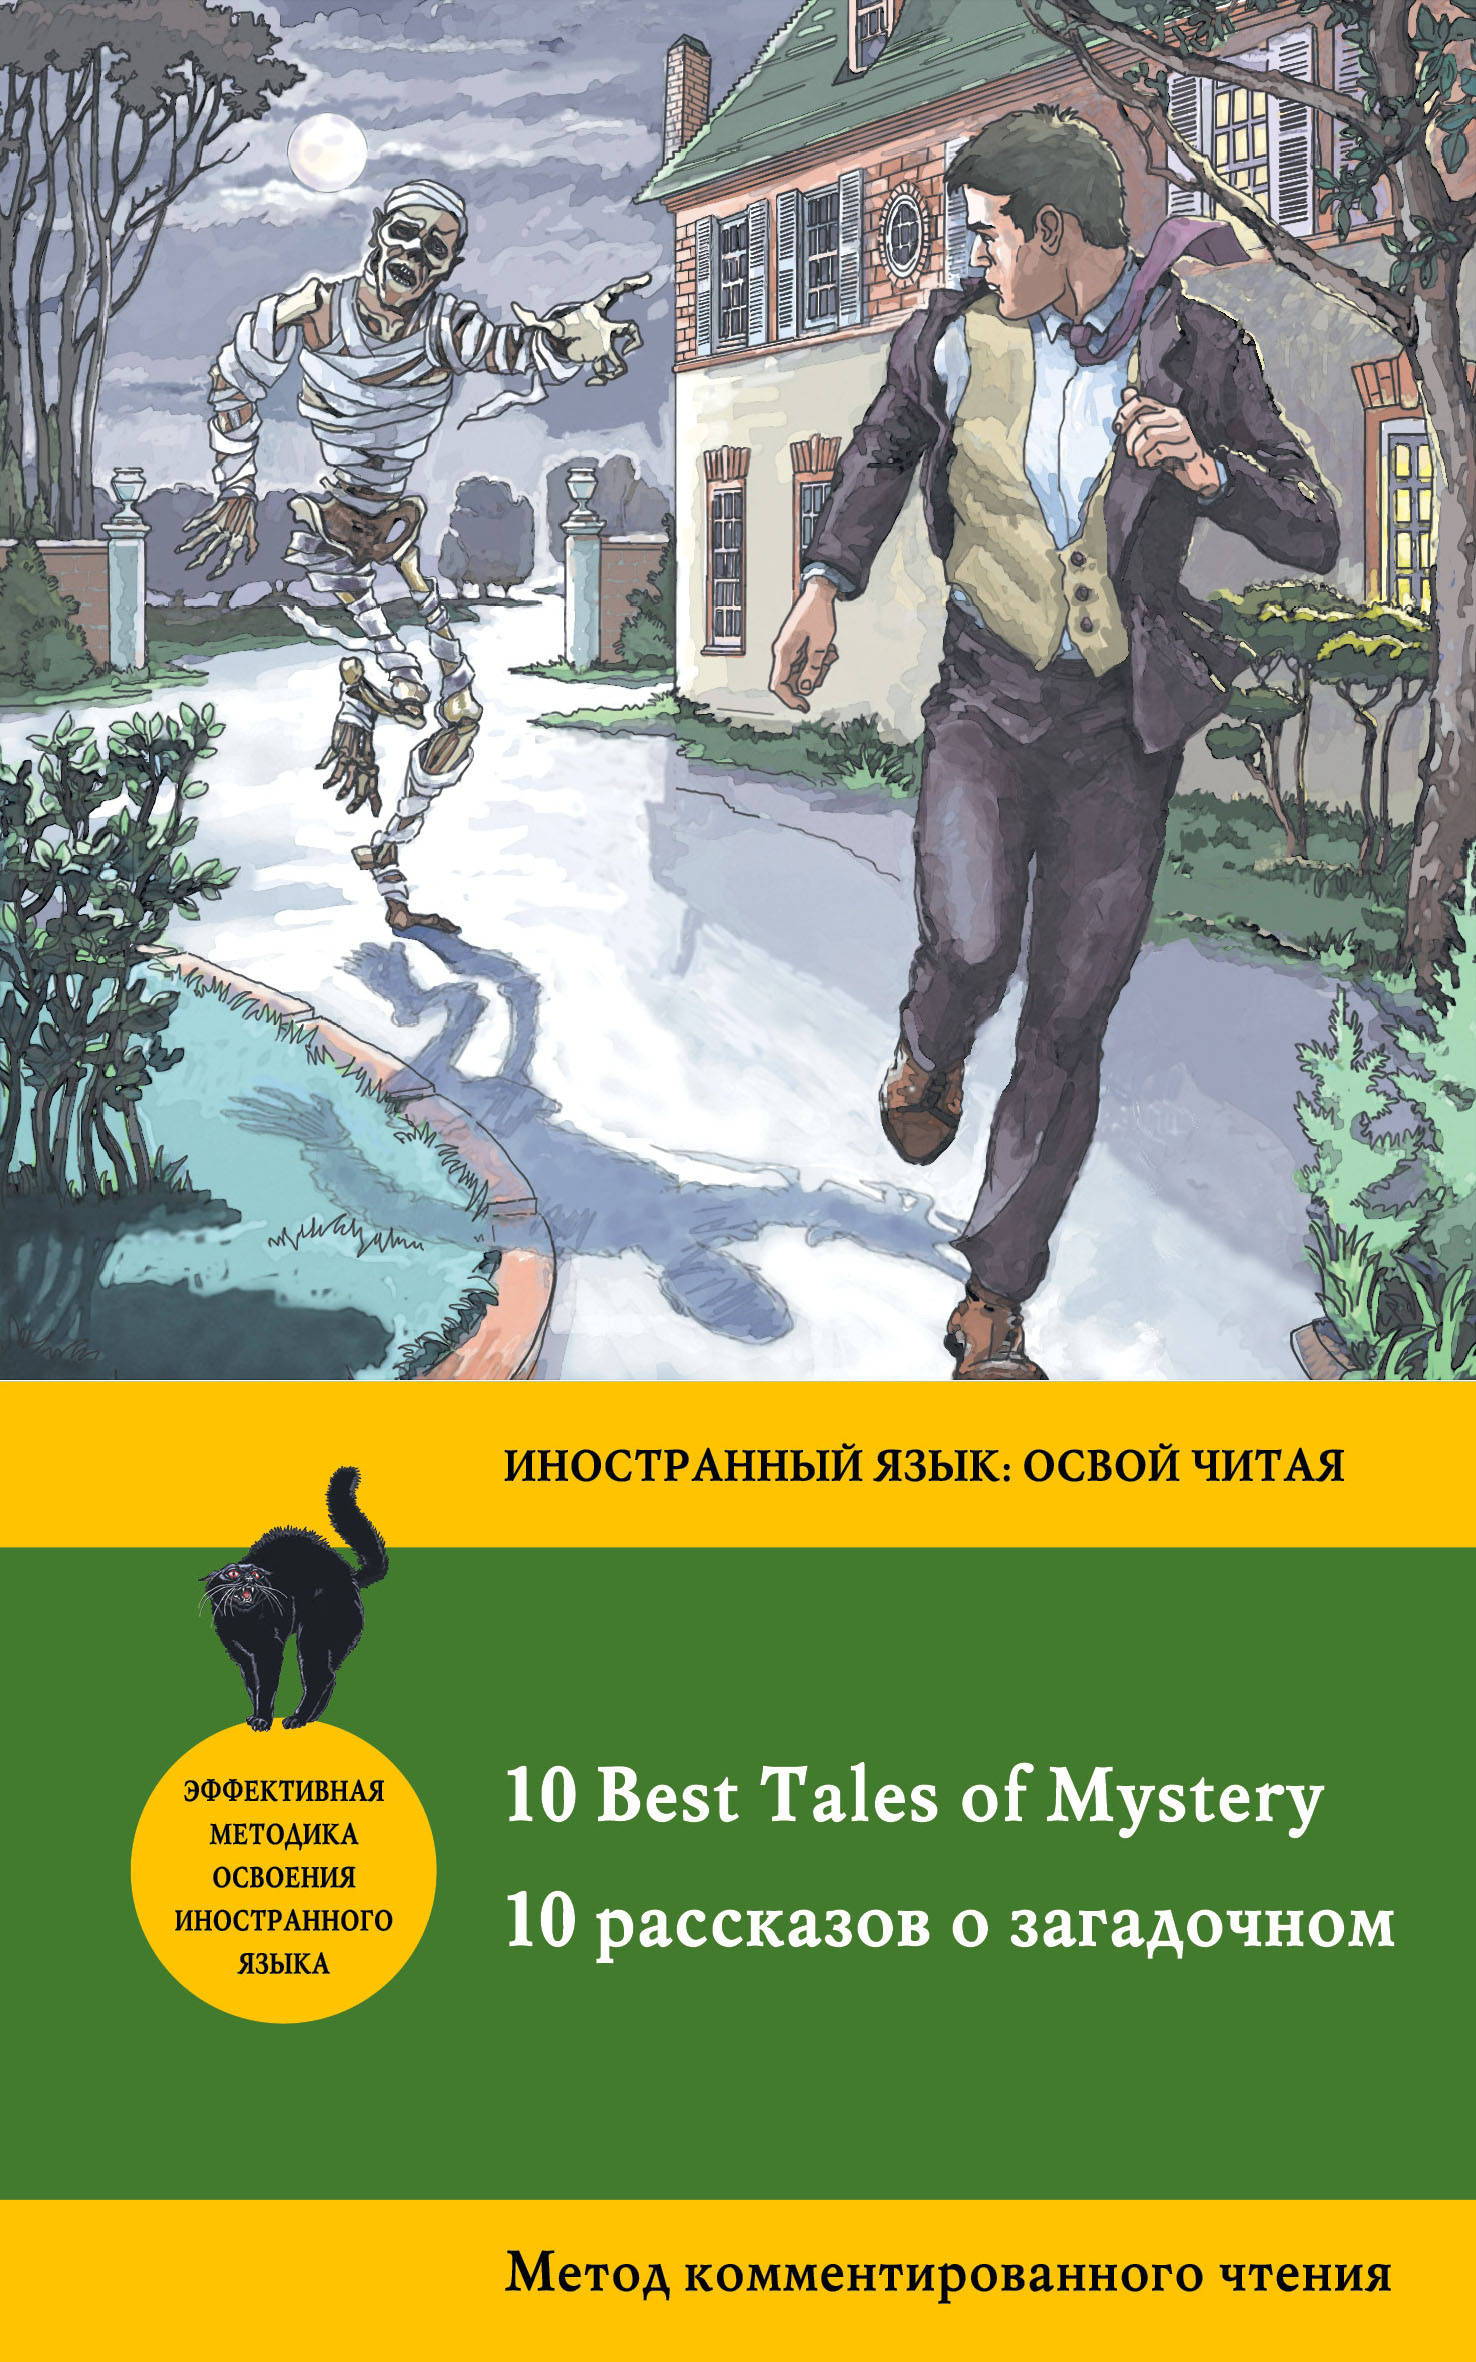 10 Best Tales of Mystery / 10 рассказов о загадочном. Метод комментированного чтения